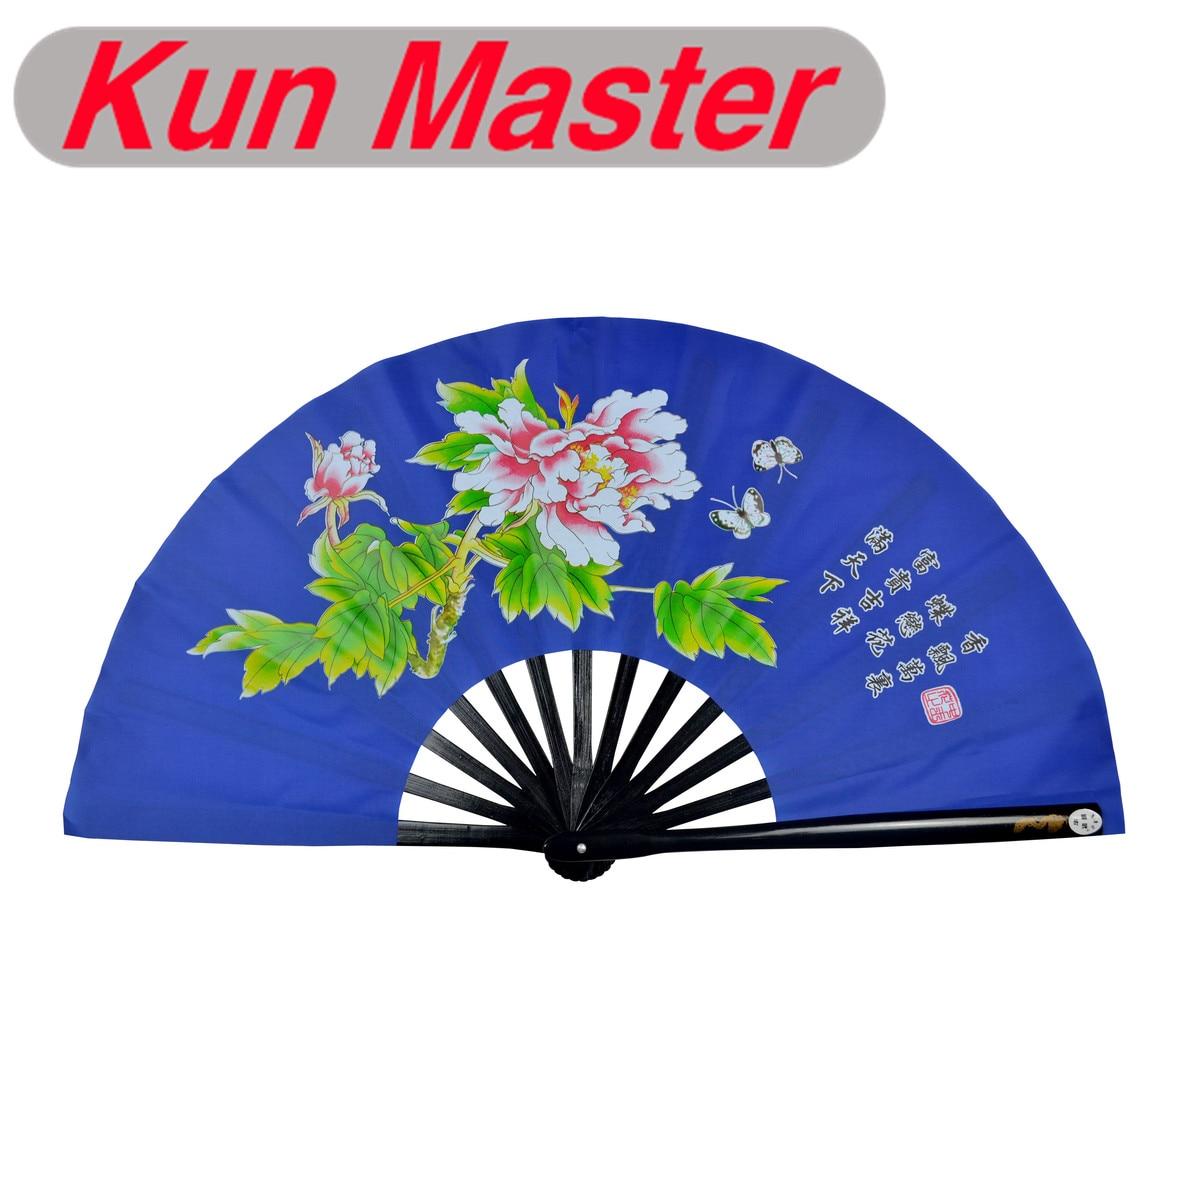 De bambú Kung Fu abanico de luchas de artes marciales práctica rendimiento Fan de Wu Shu Fan Peonía (azul) Trajes tradicionales chinos para hombres, Chaqueta de traje Tang Wu Shu Tai Chi Shaolin Kung Fu Wing Chun, camisa de manga larga, traje de ejercicios